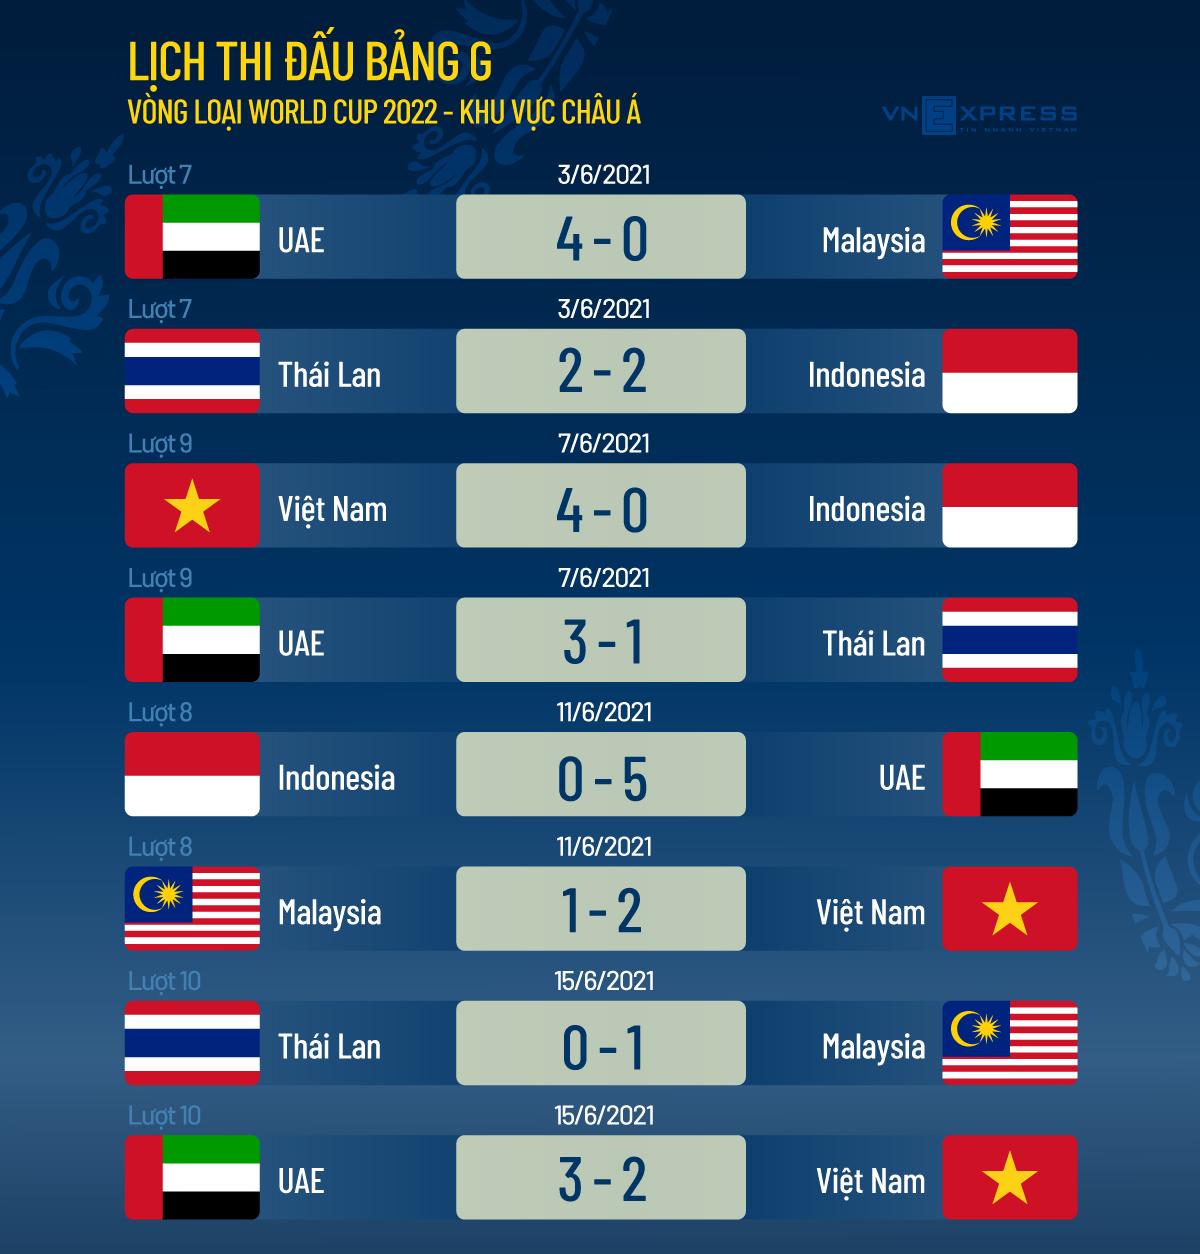 Van Marwijk: Thắng Việt Nam là trận hay nhất của UAE - 2